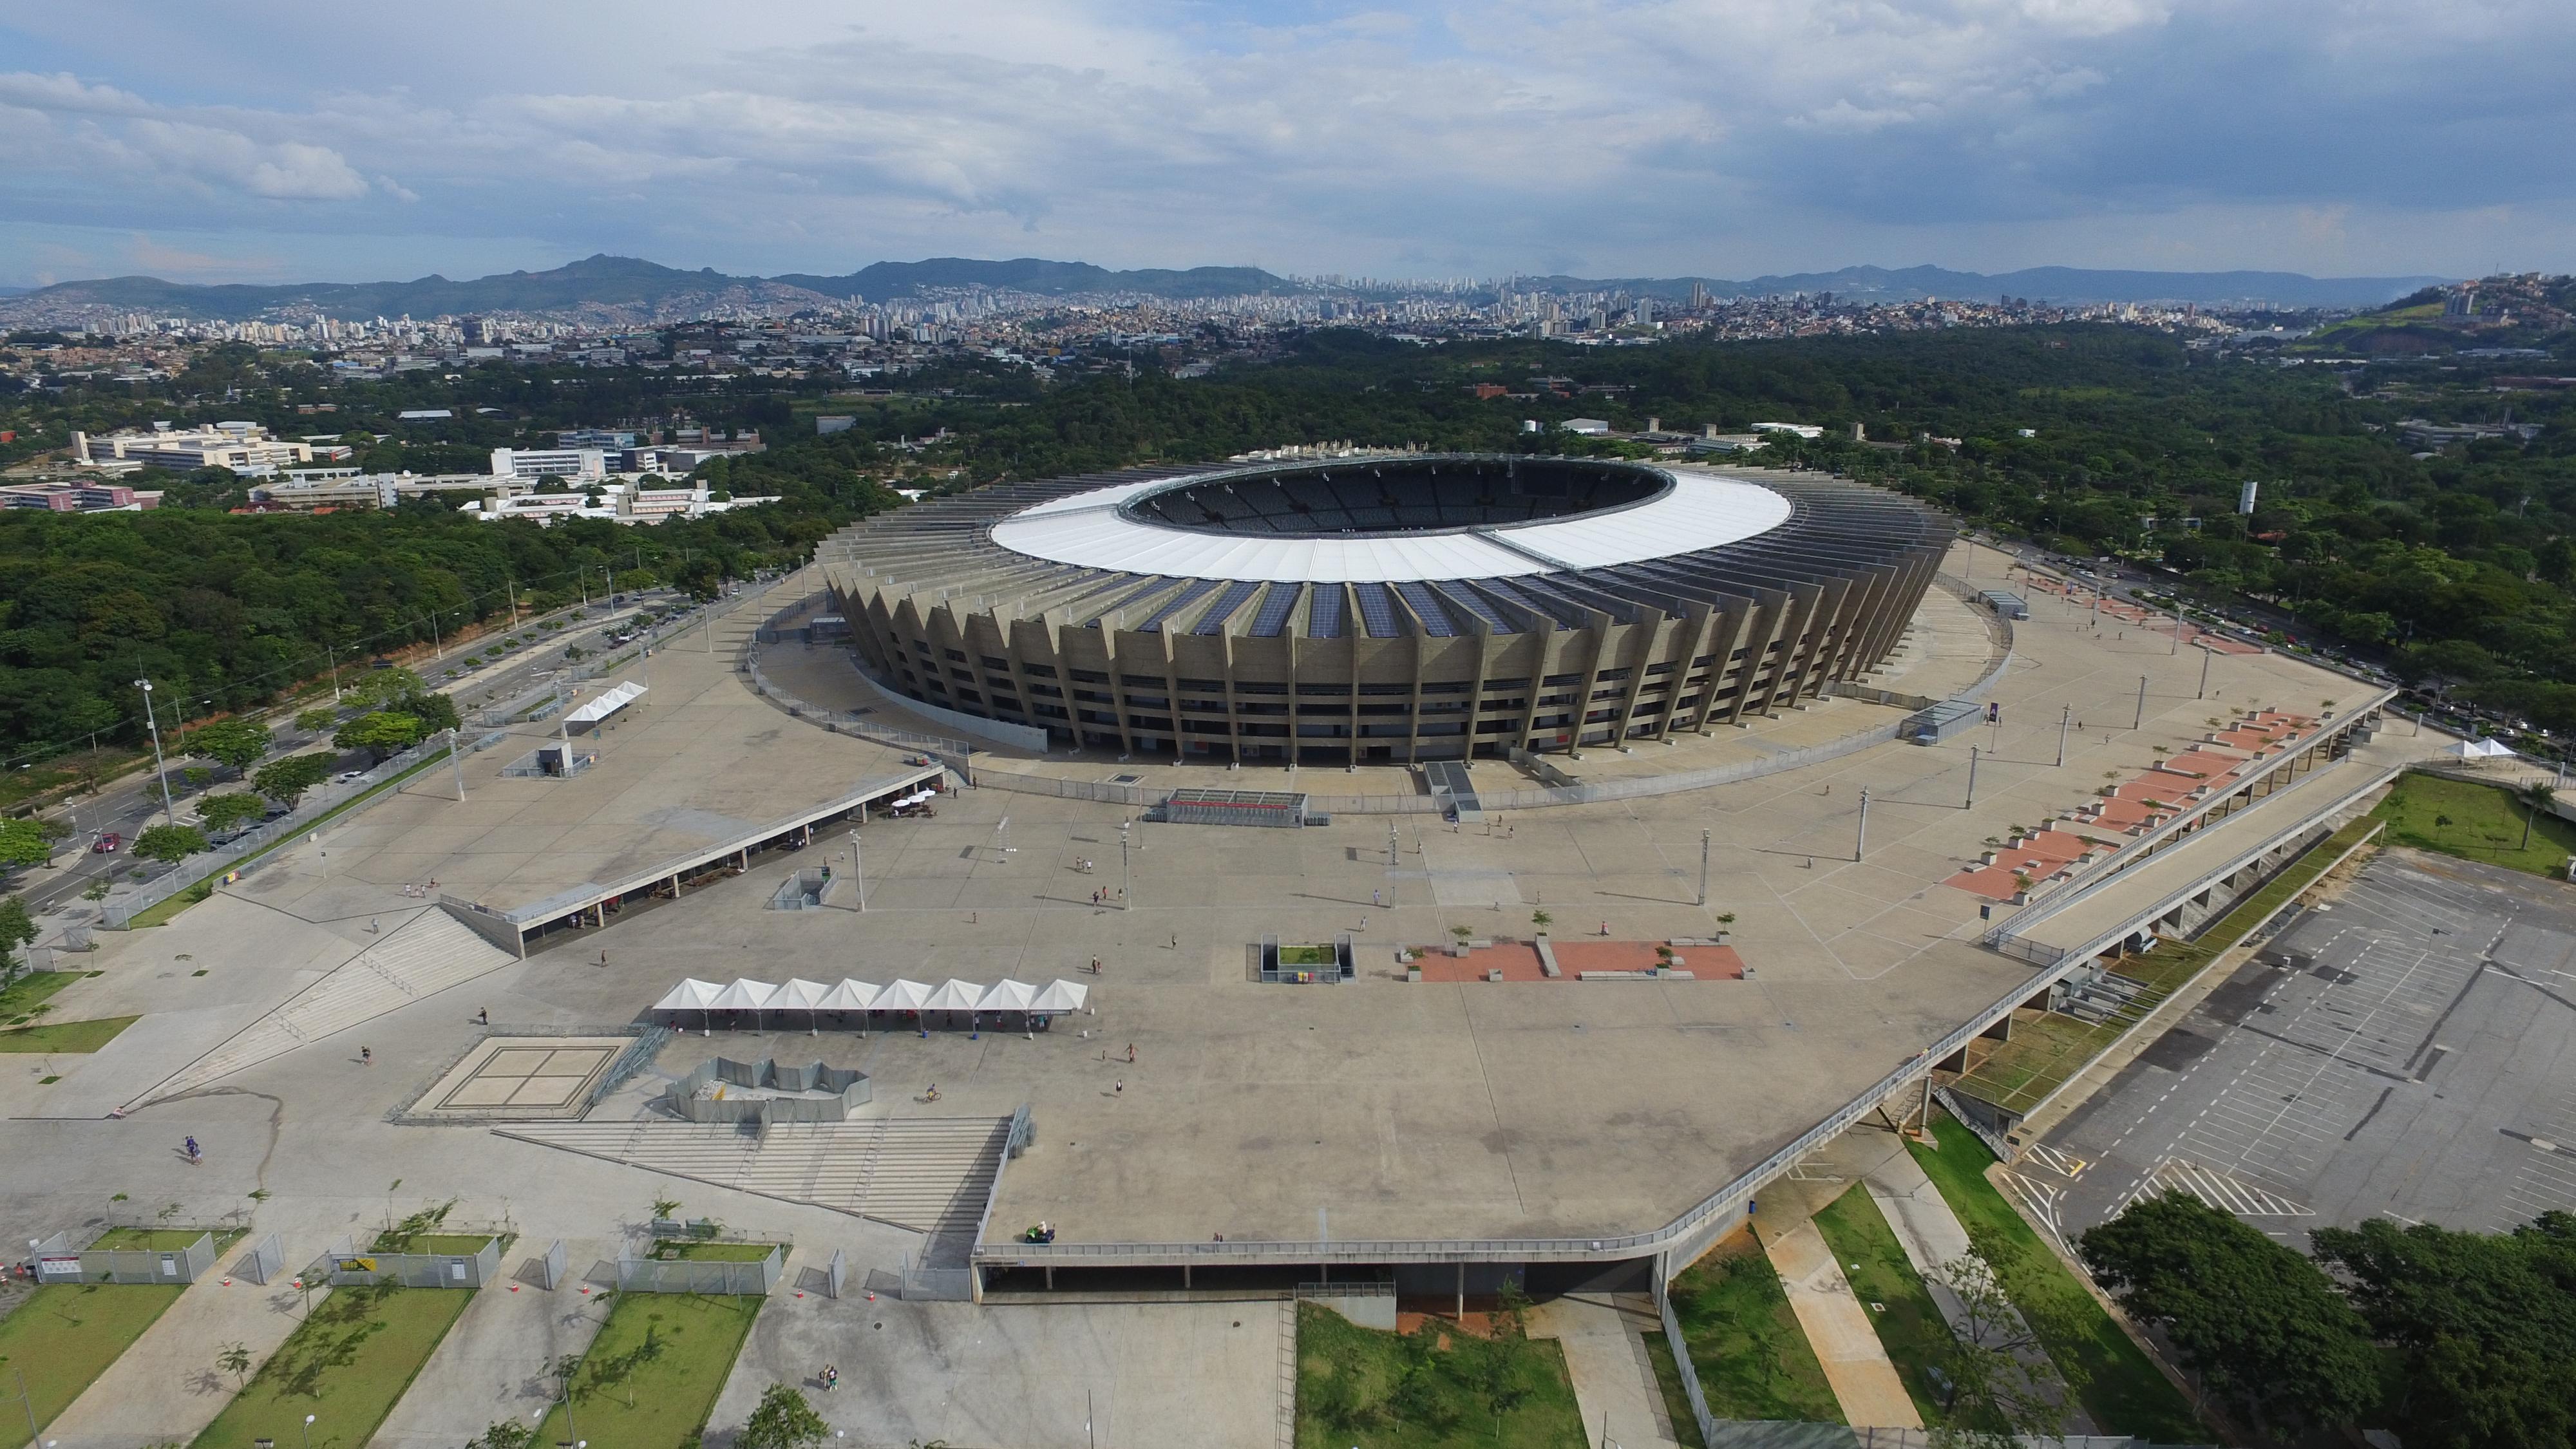 Estádio Governador Magalhães Pinto em Belo Horizonte: Complexo atual do Mineirão